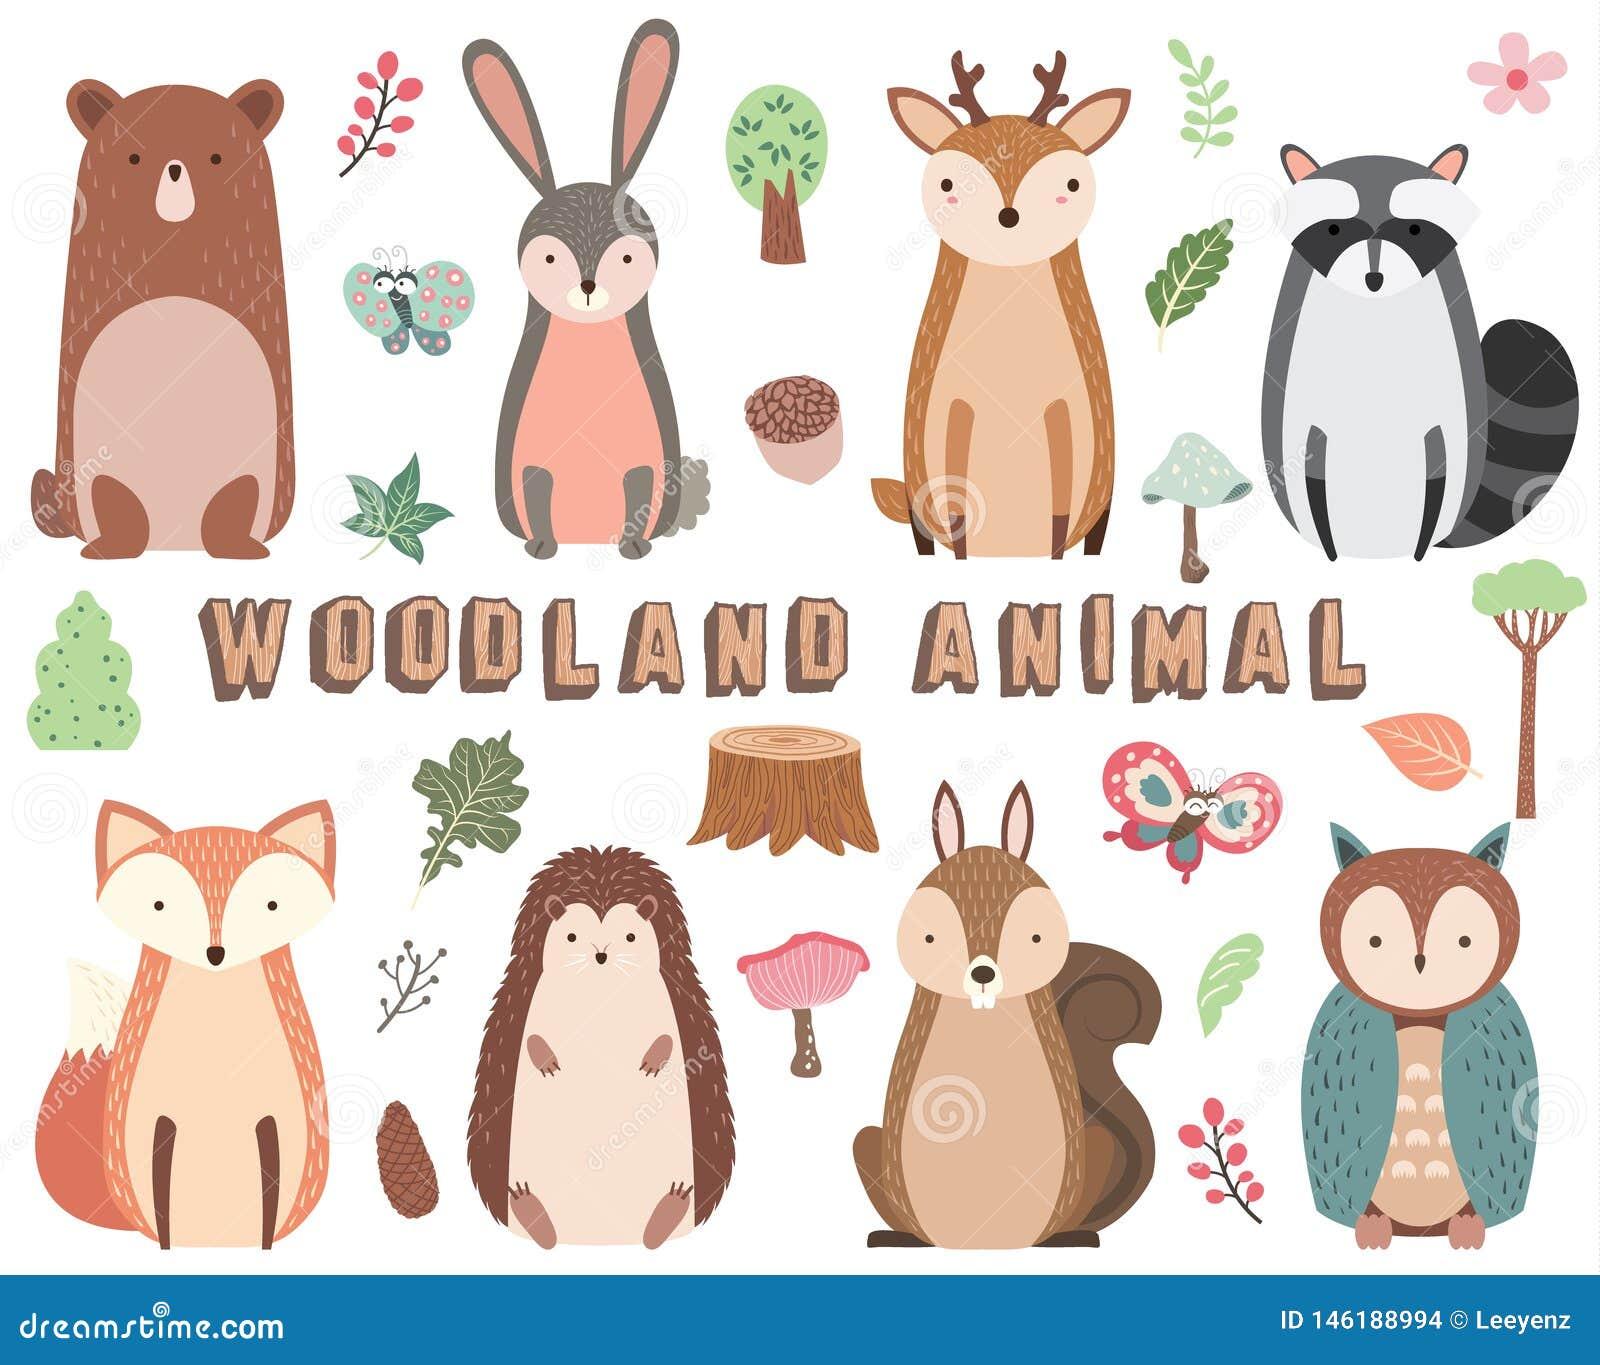 Woodland Animal Elements Set